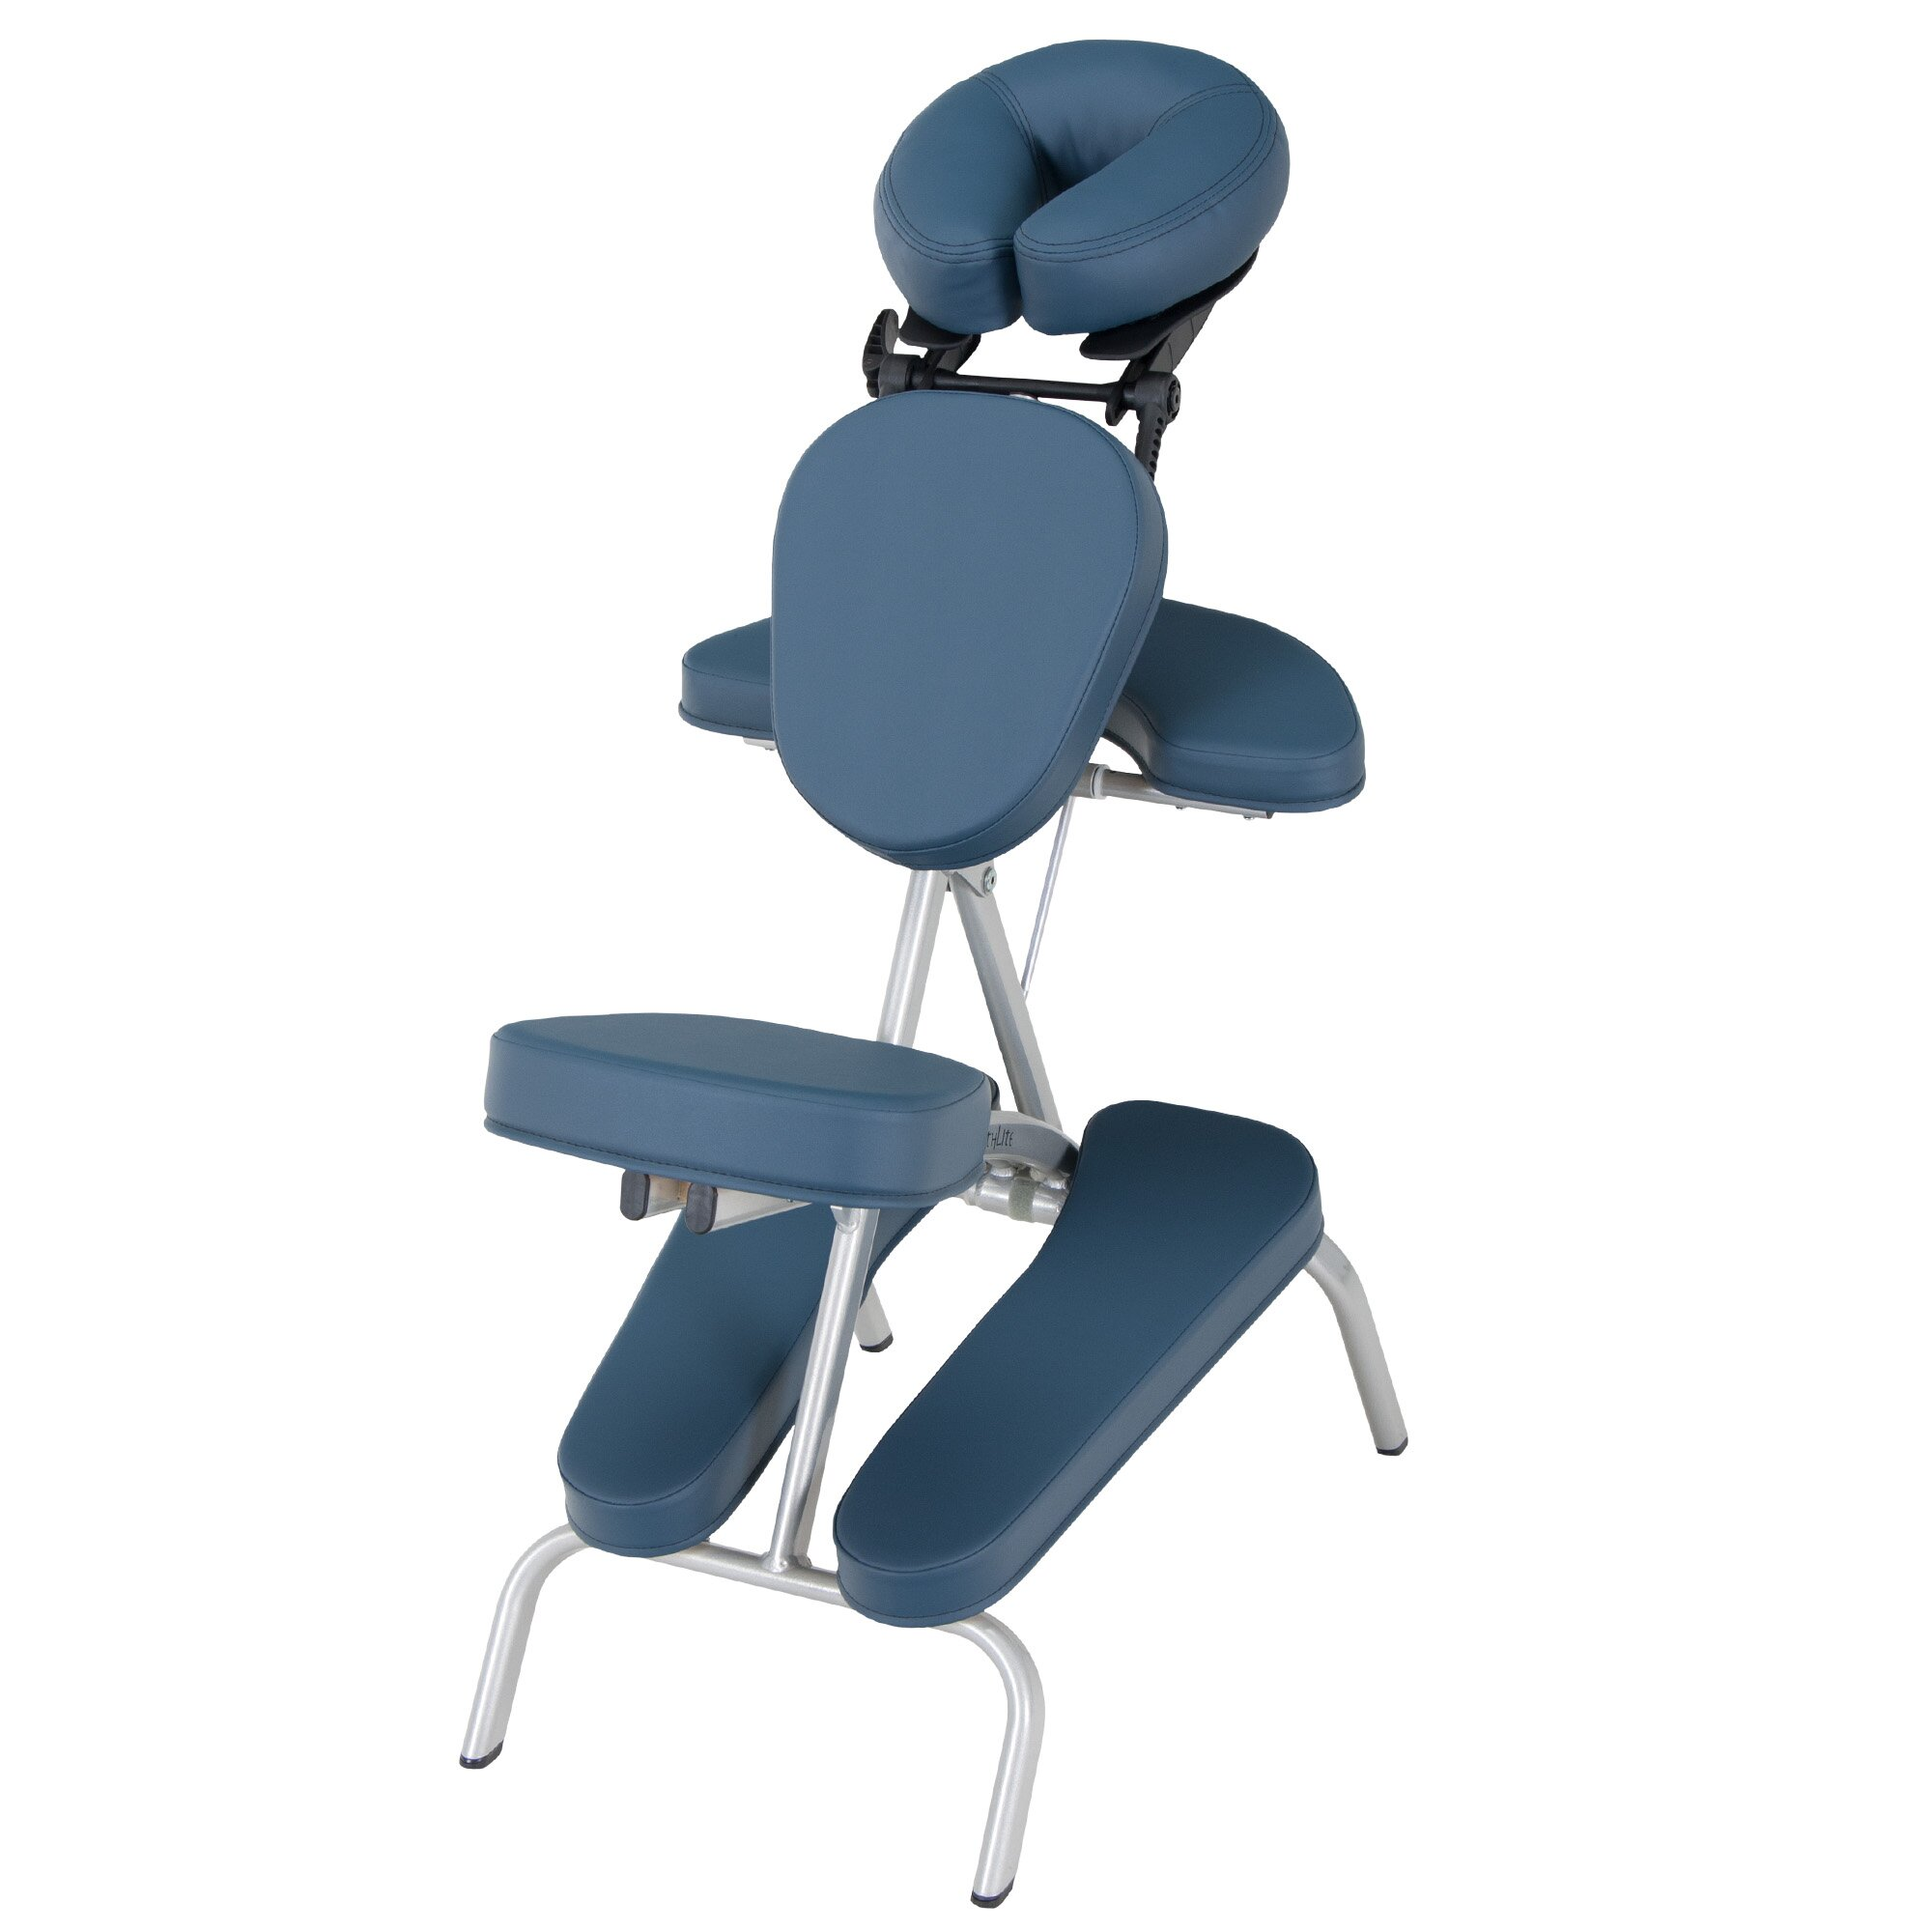 Earthlite Massage Table Earthlite Calistoga Portable Salon Table